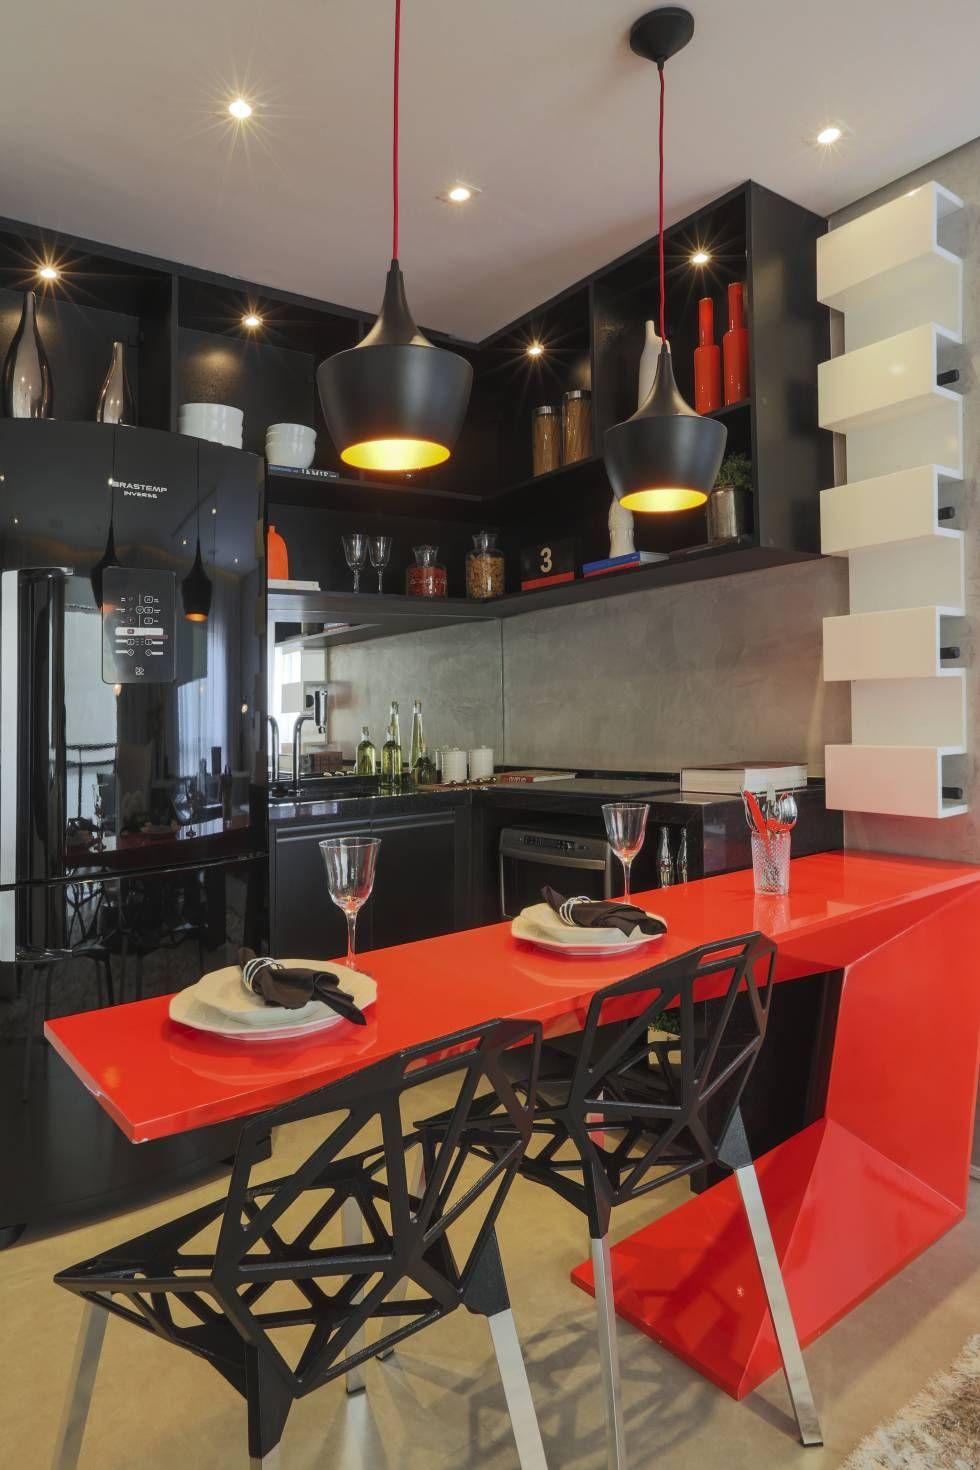 Cozinhas Coloridas 85 Fotos De Cozinhas Alegres E Lindas Fotos De